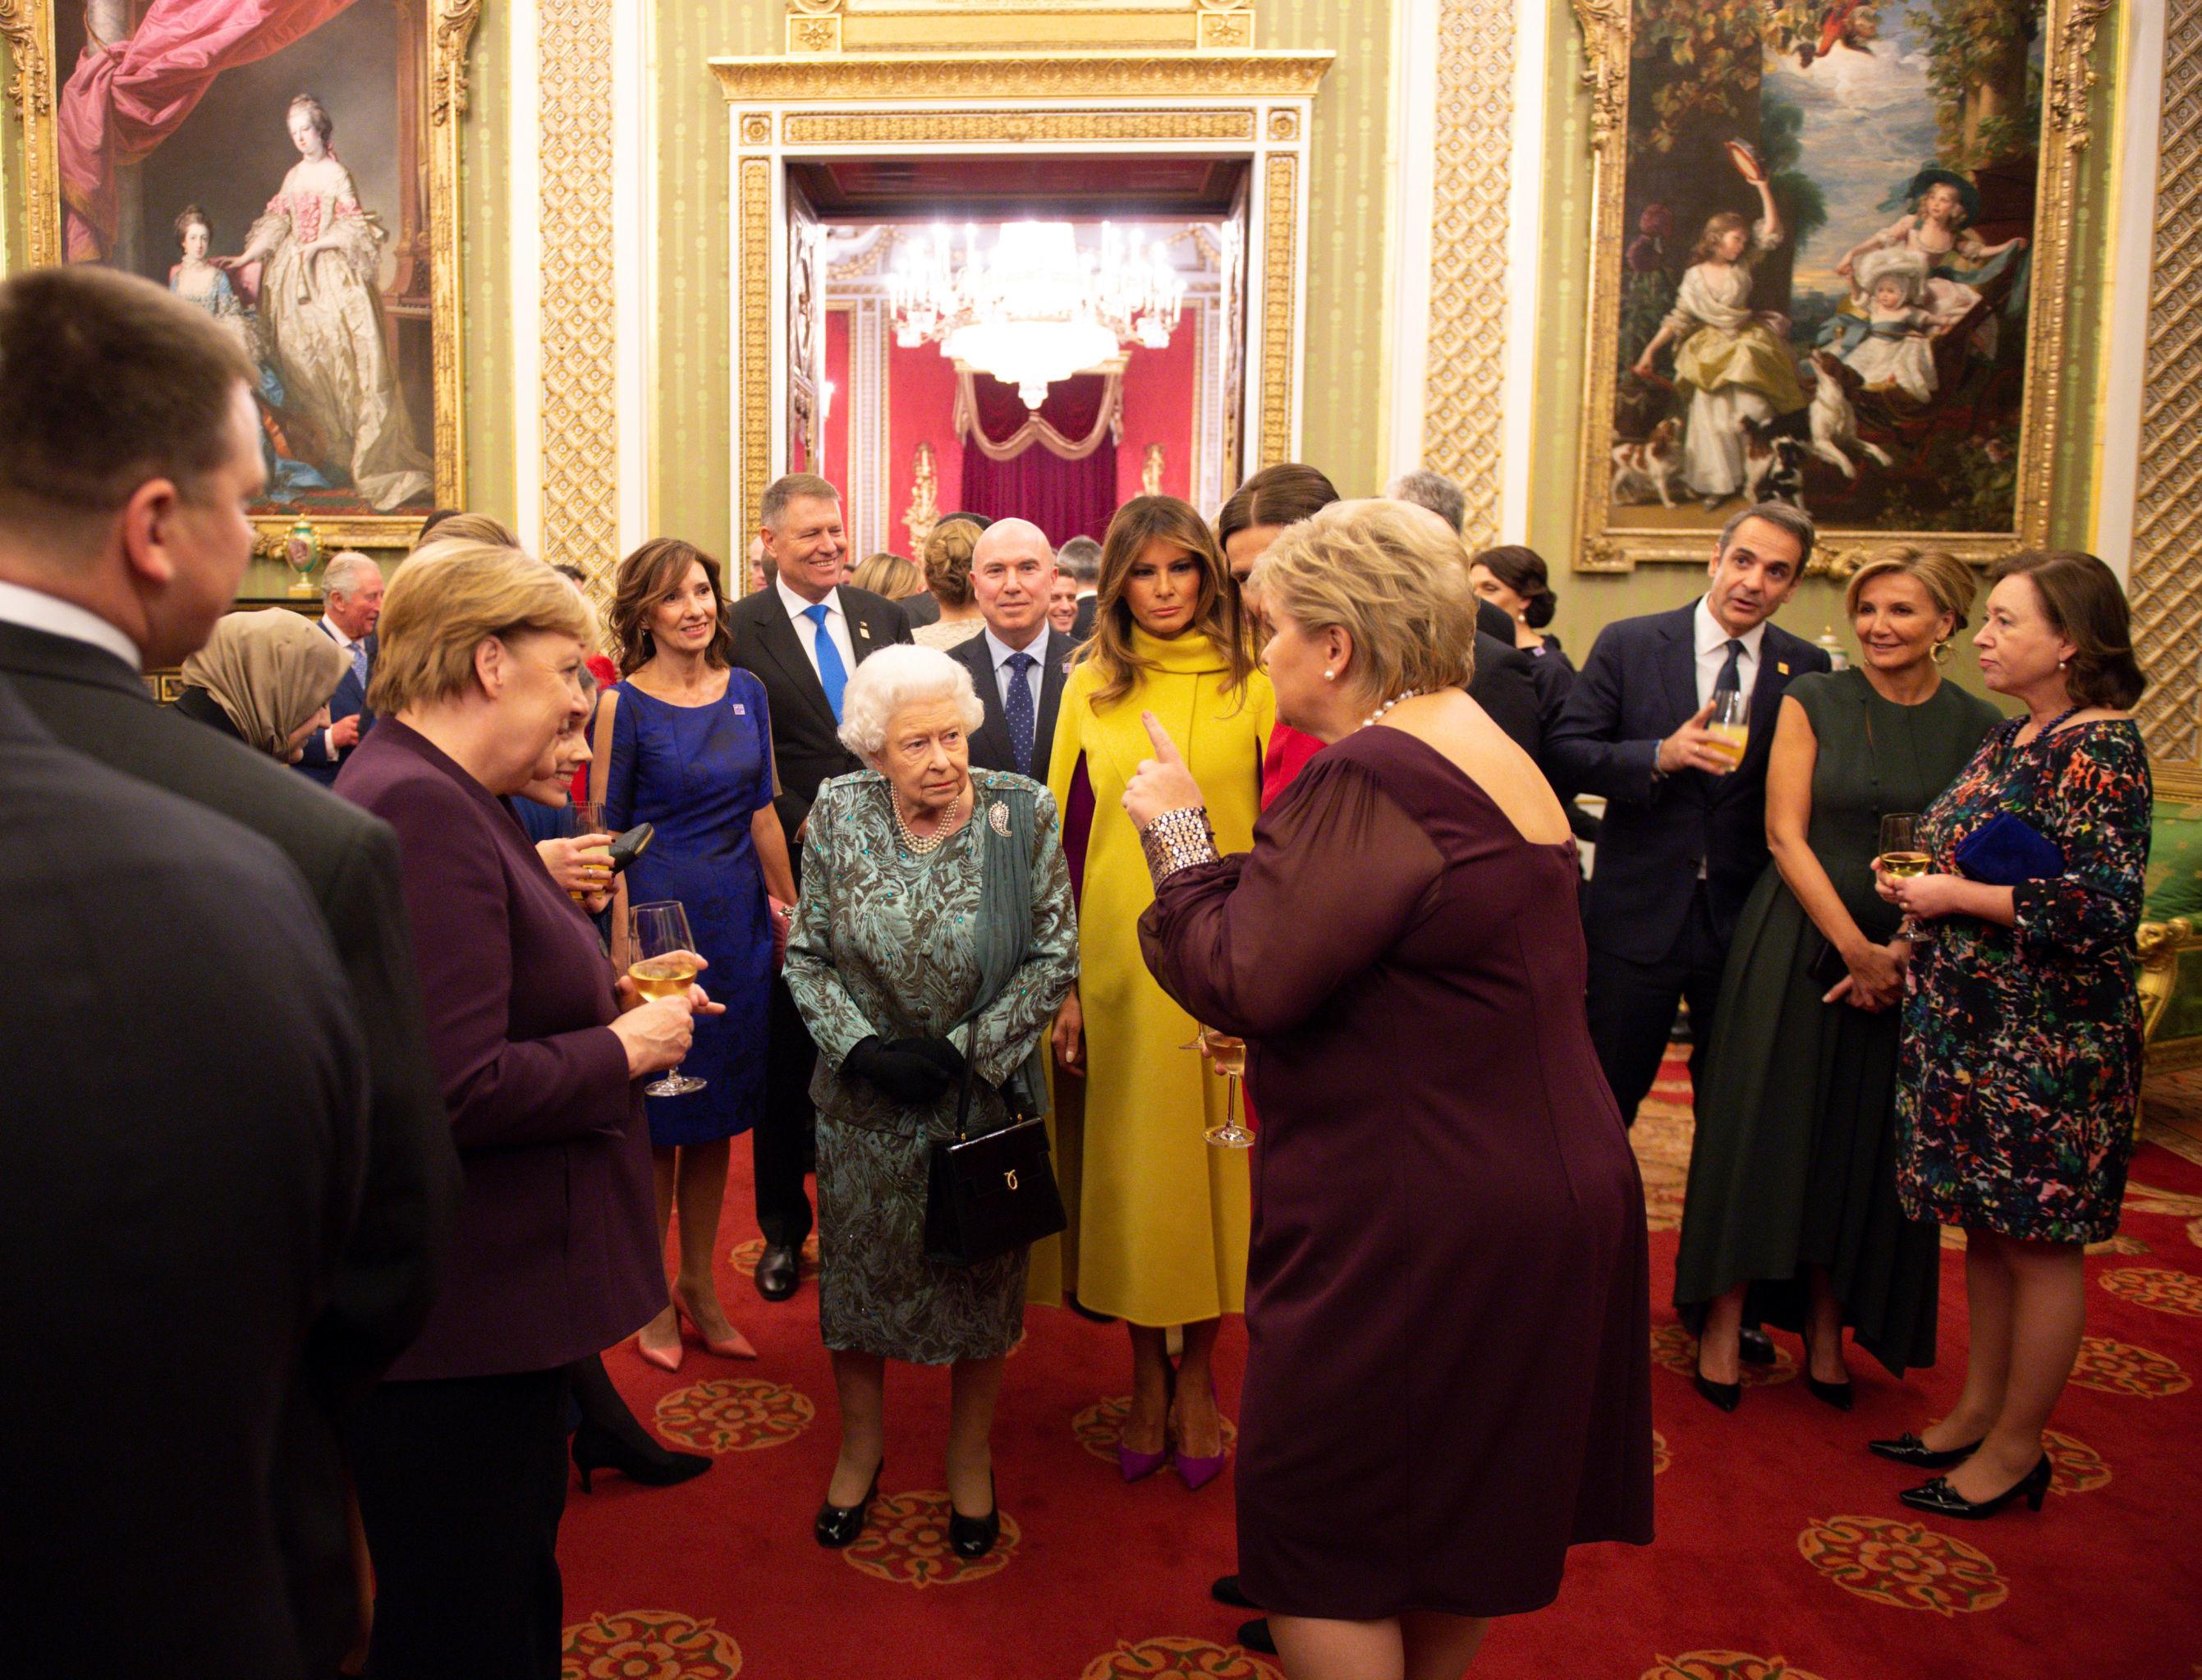 La reina Isabel II recibe a los líderes de la OTAN en el palacio de Buckingham